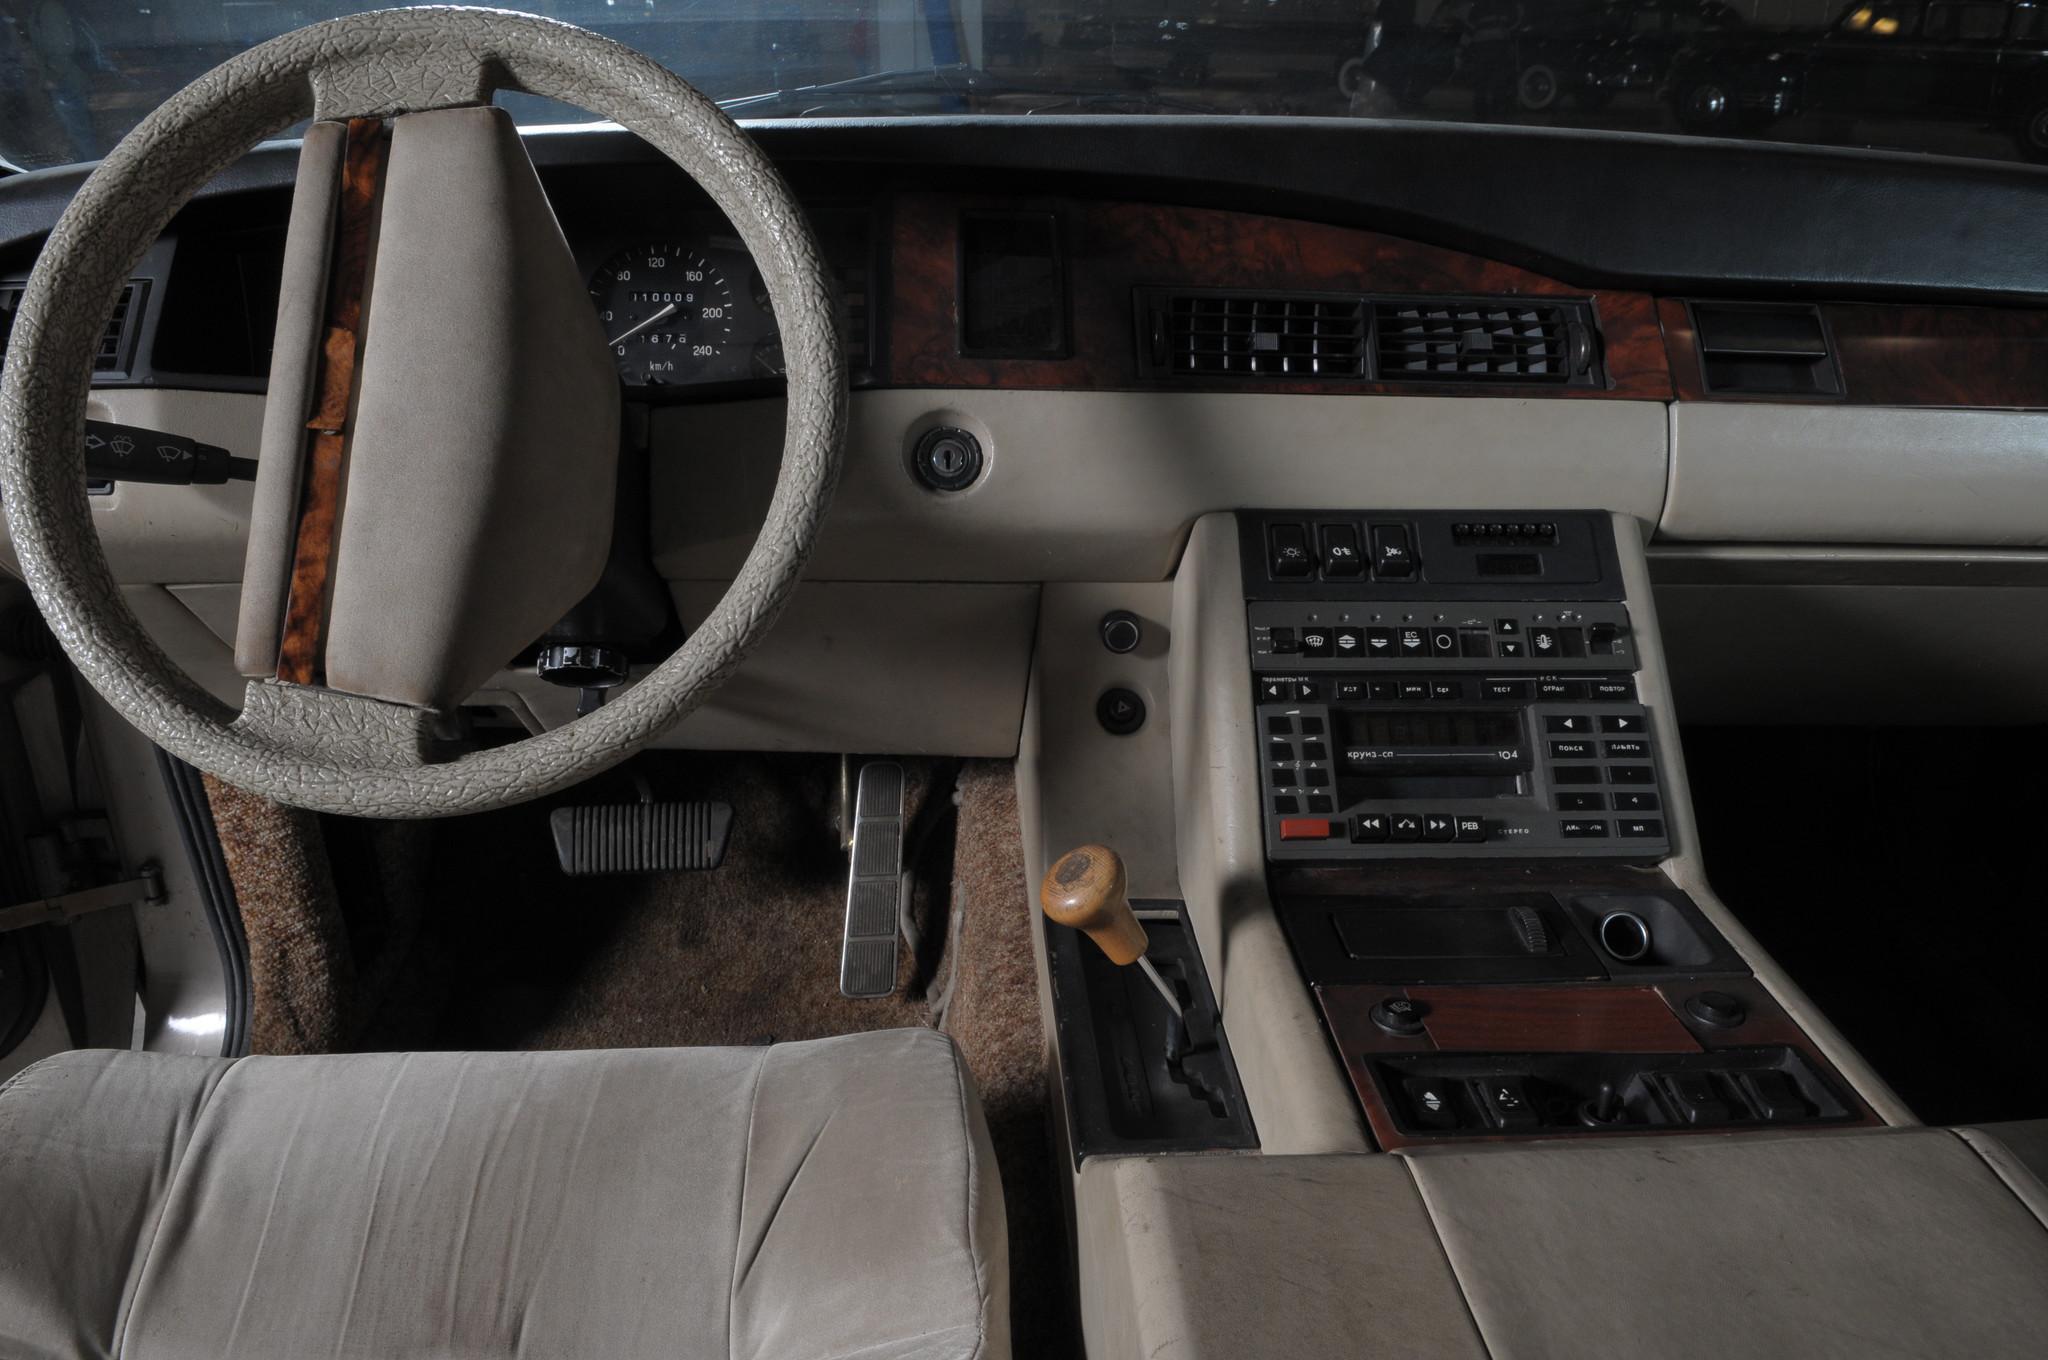 ЗИЛ-4102 был заложен как проект в 1982 году, хотя окончательно концепция сформулировалась только в 1